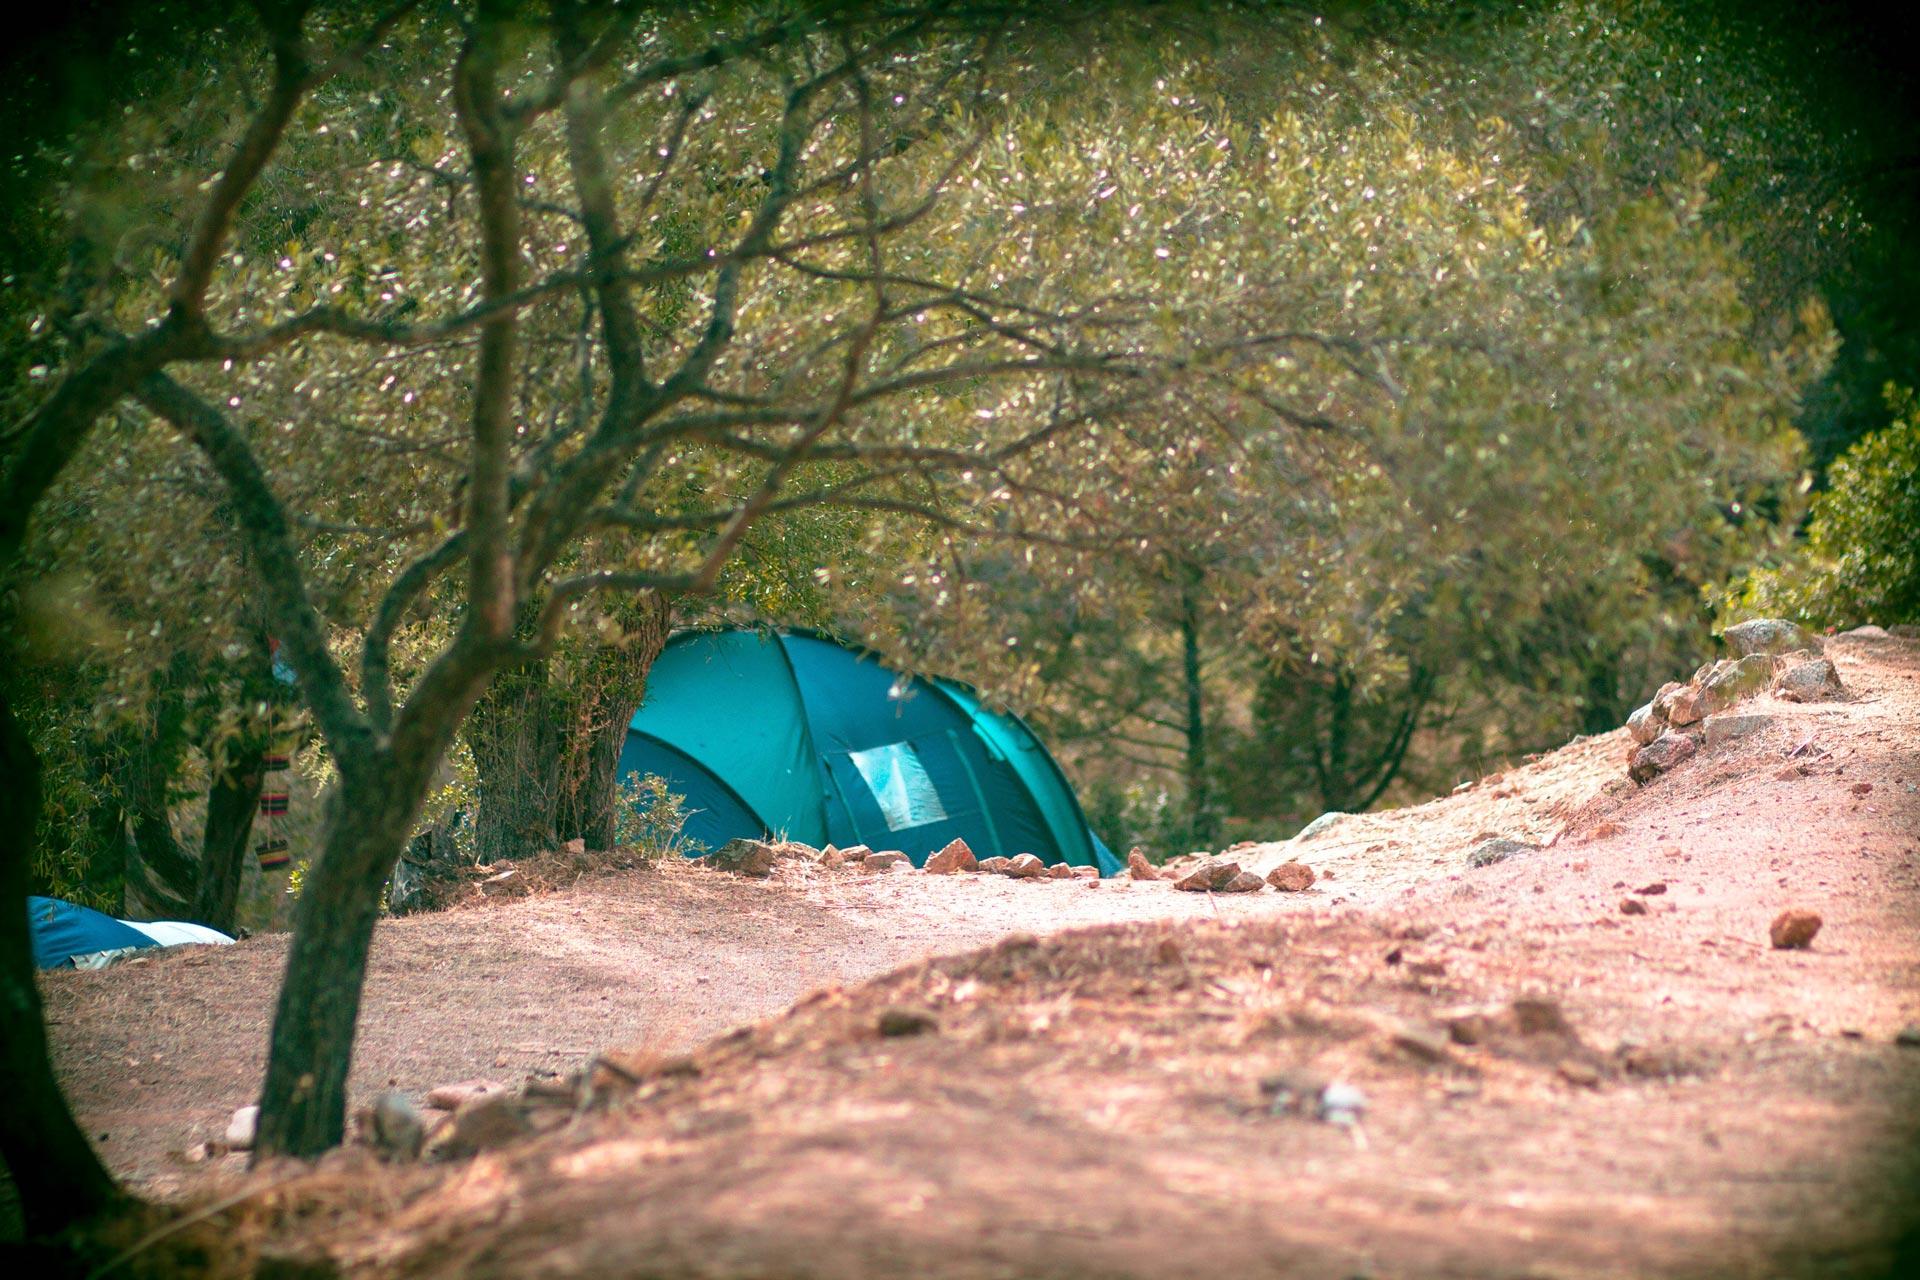 L'oriente-Camping-Porto-Pollo-Accueil